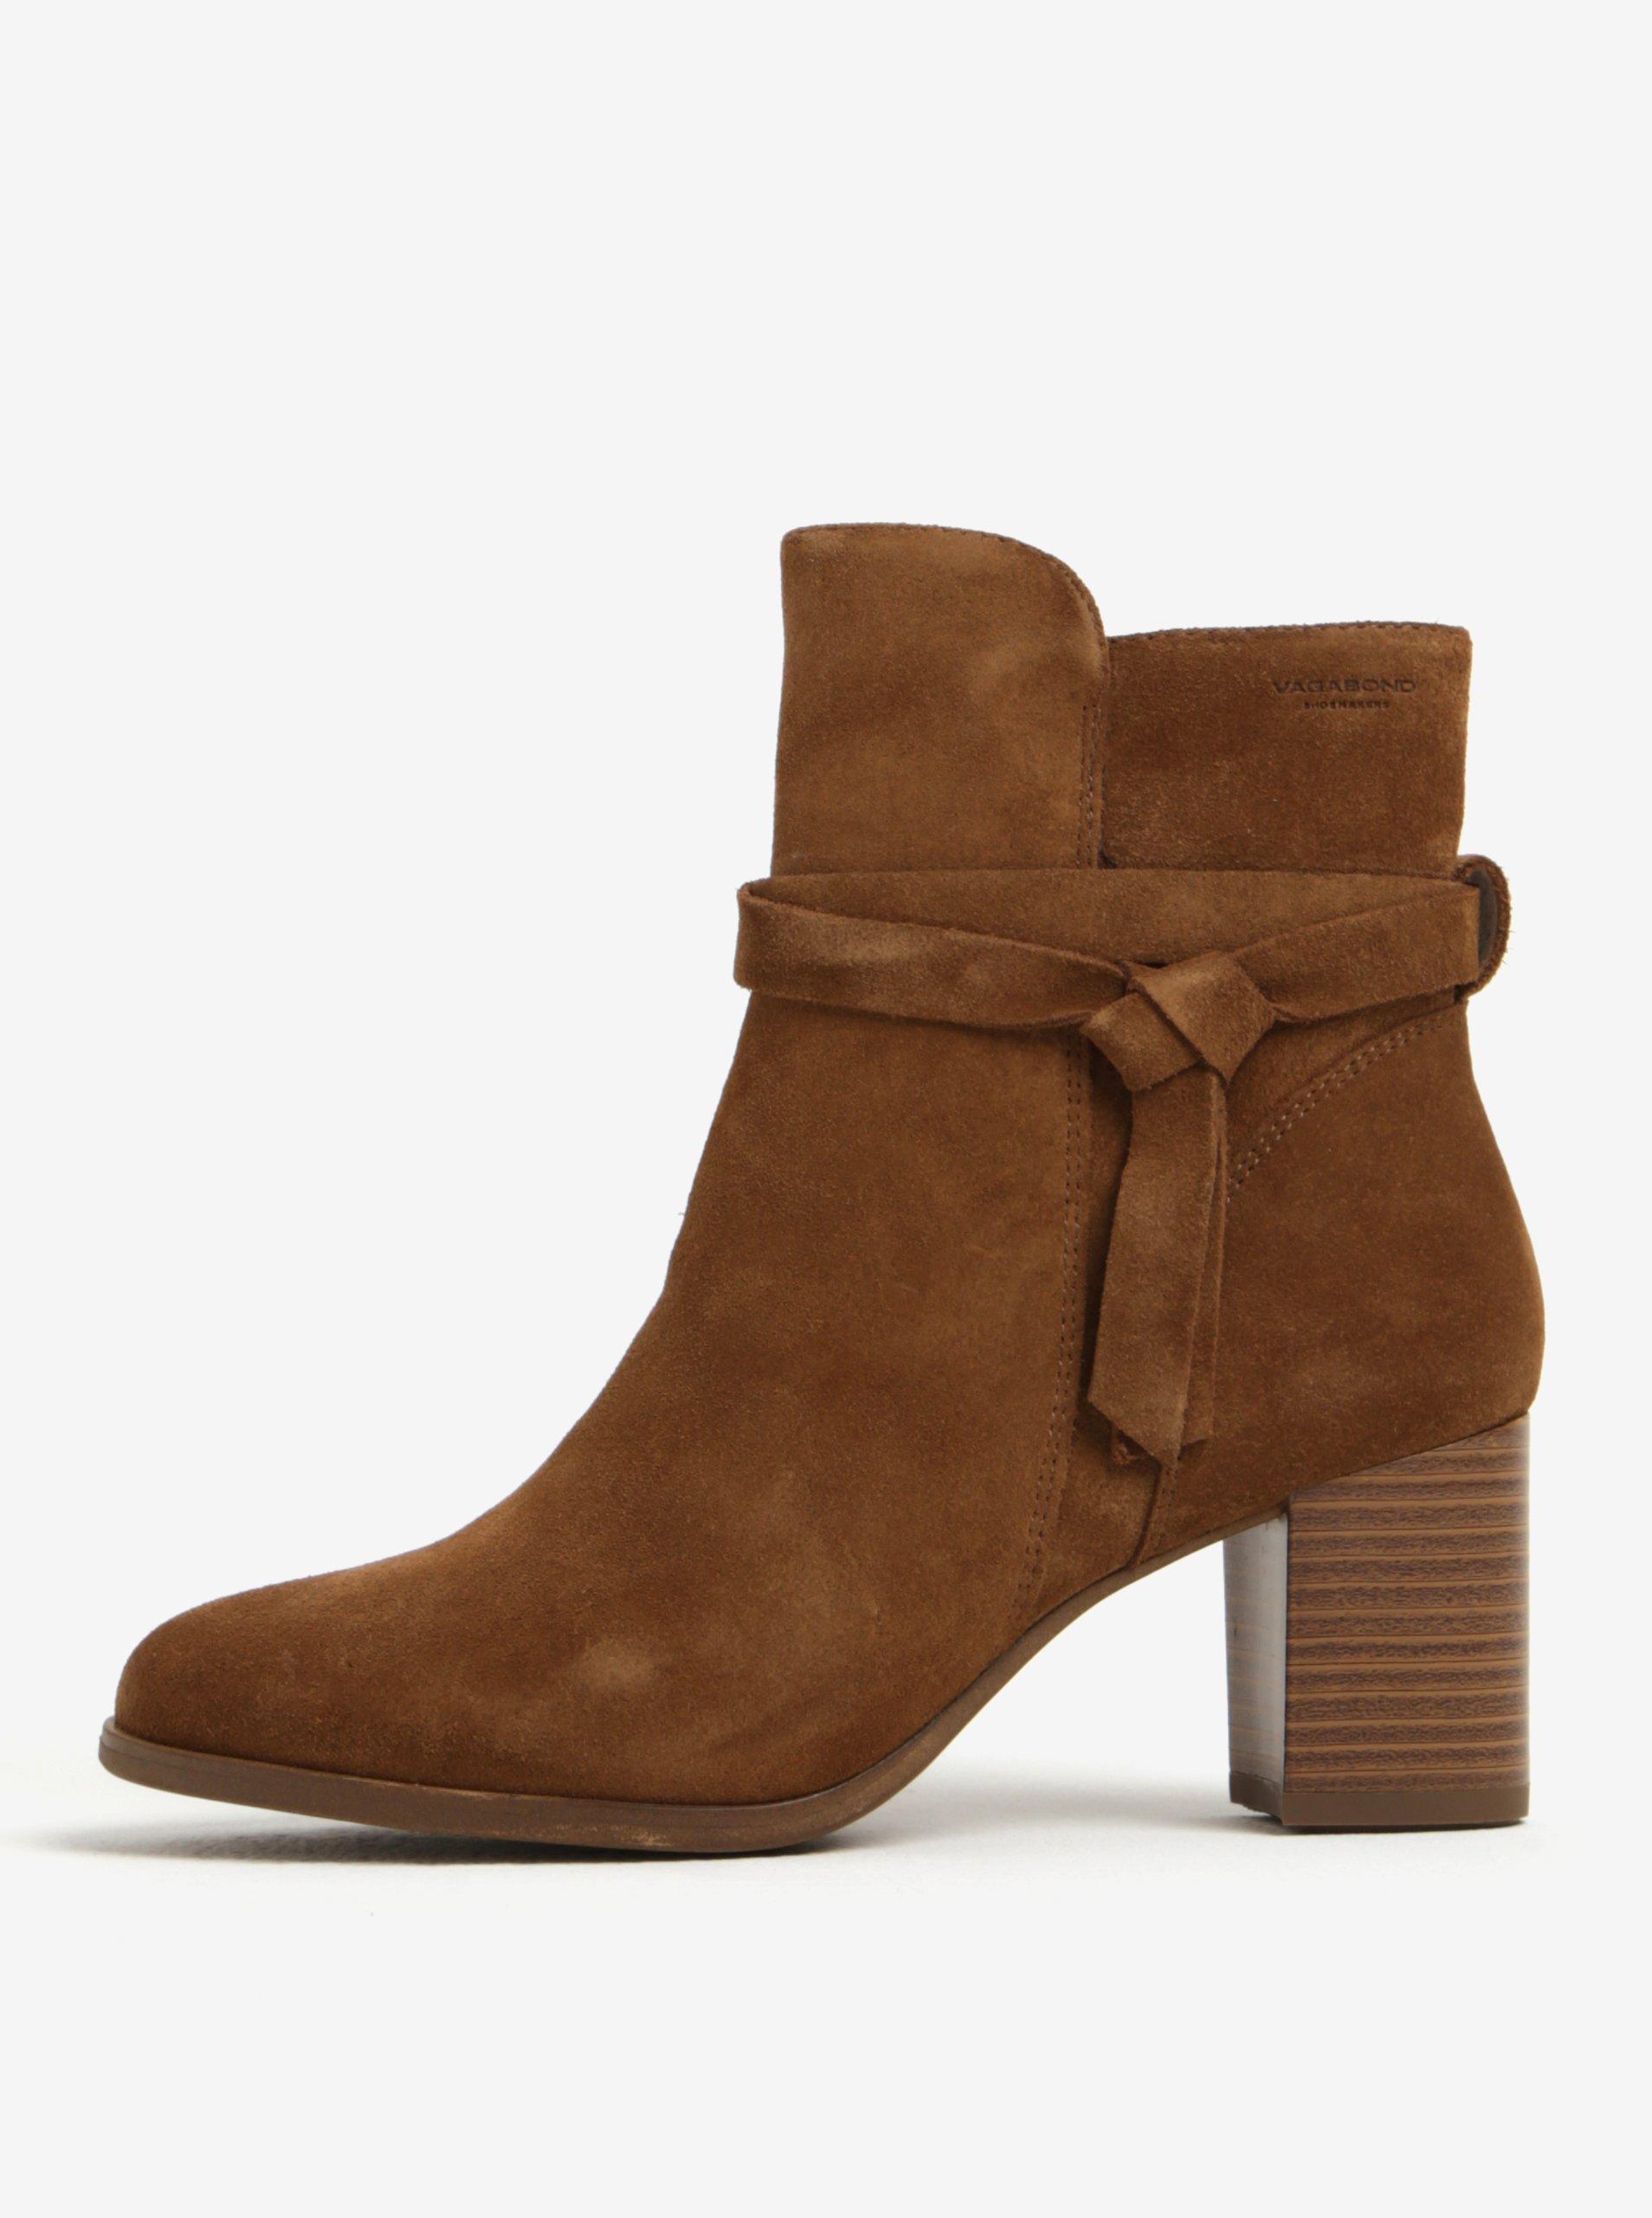 05657b0a07 Hnedé dámske semišové členkové topánky na podpätku Vagabond Lottie ...